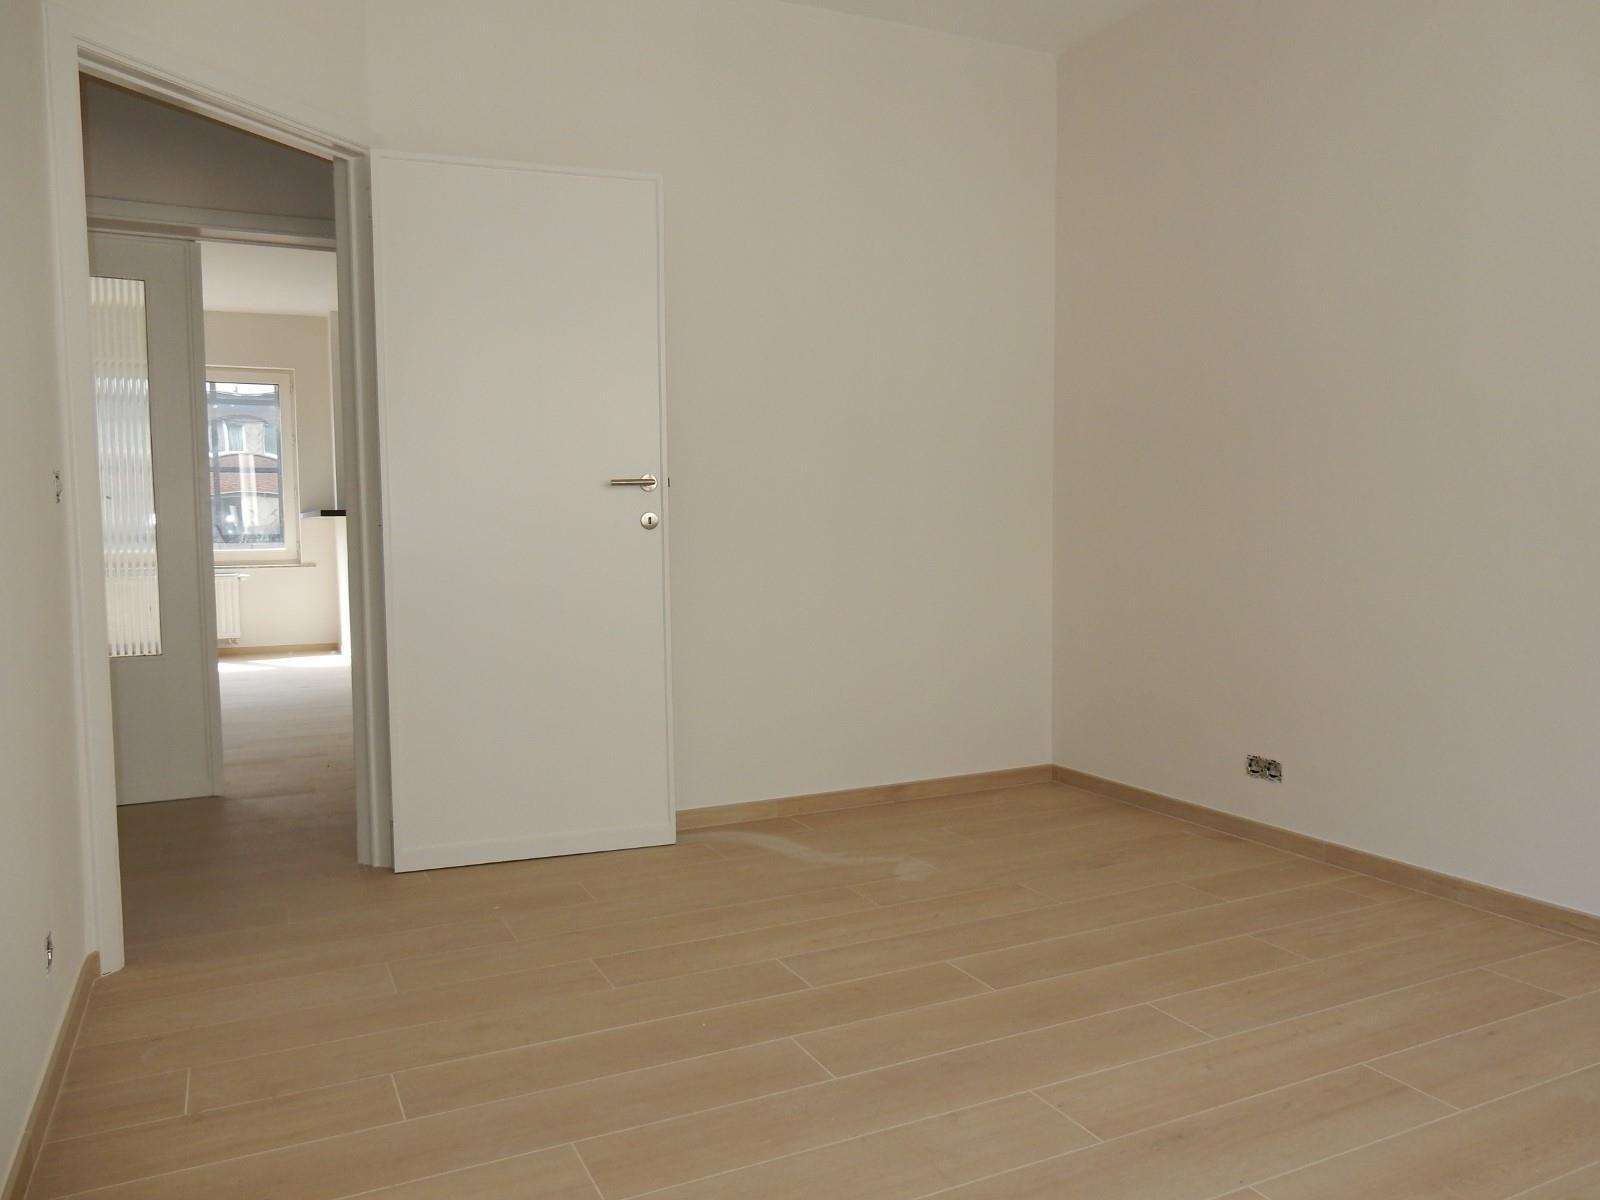 Appartement - Schaerbeek - #4137628-7